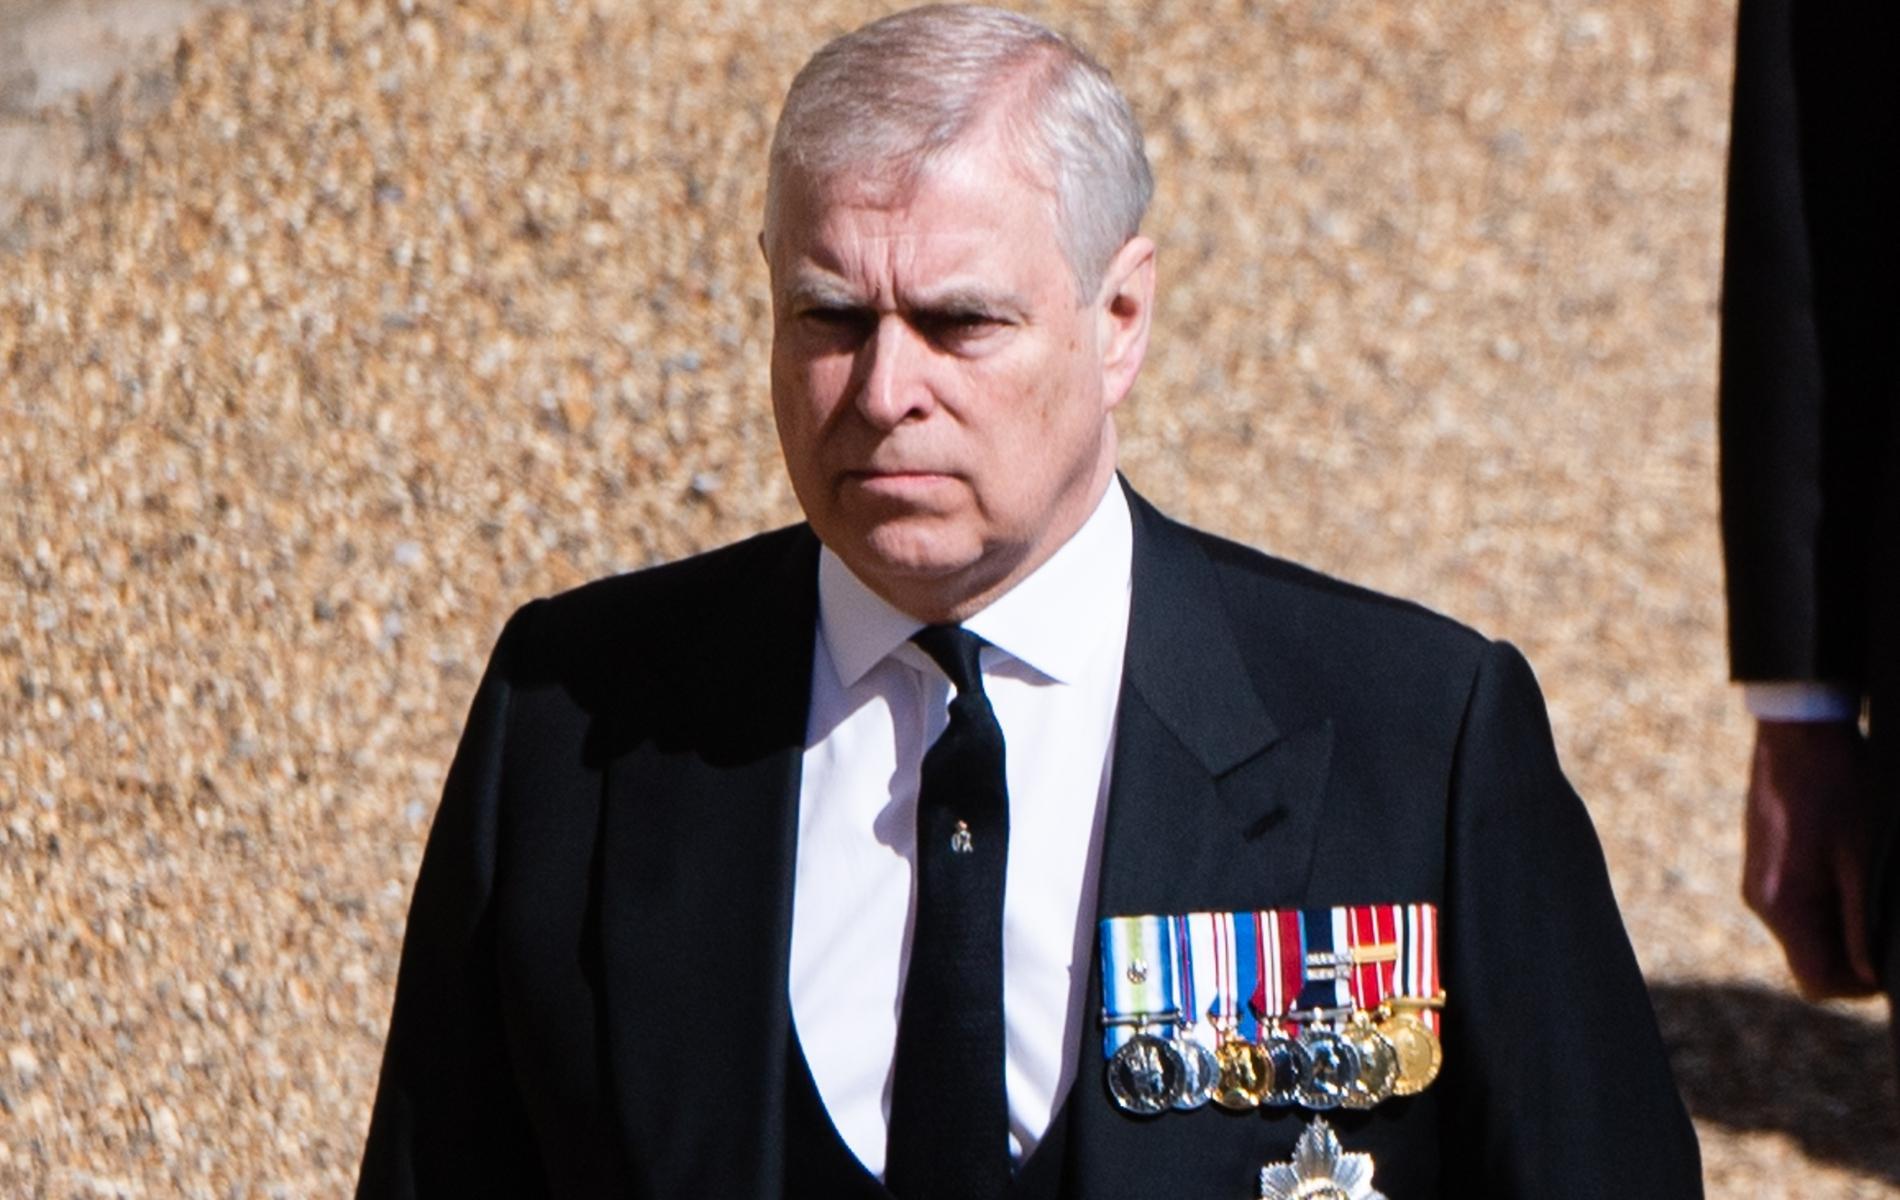 Affaire Epstein : la plainte pour abus sexuels contre le prince Andrew a été déposée au palais de Windsor